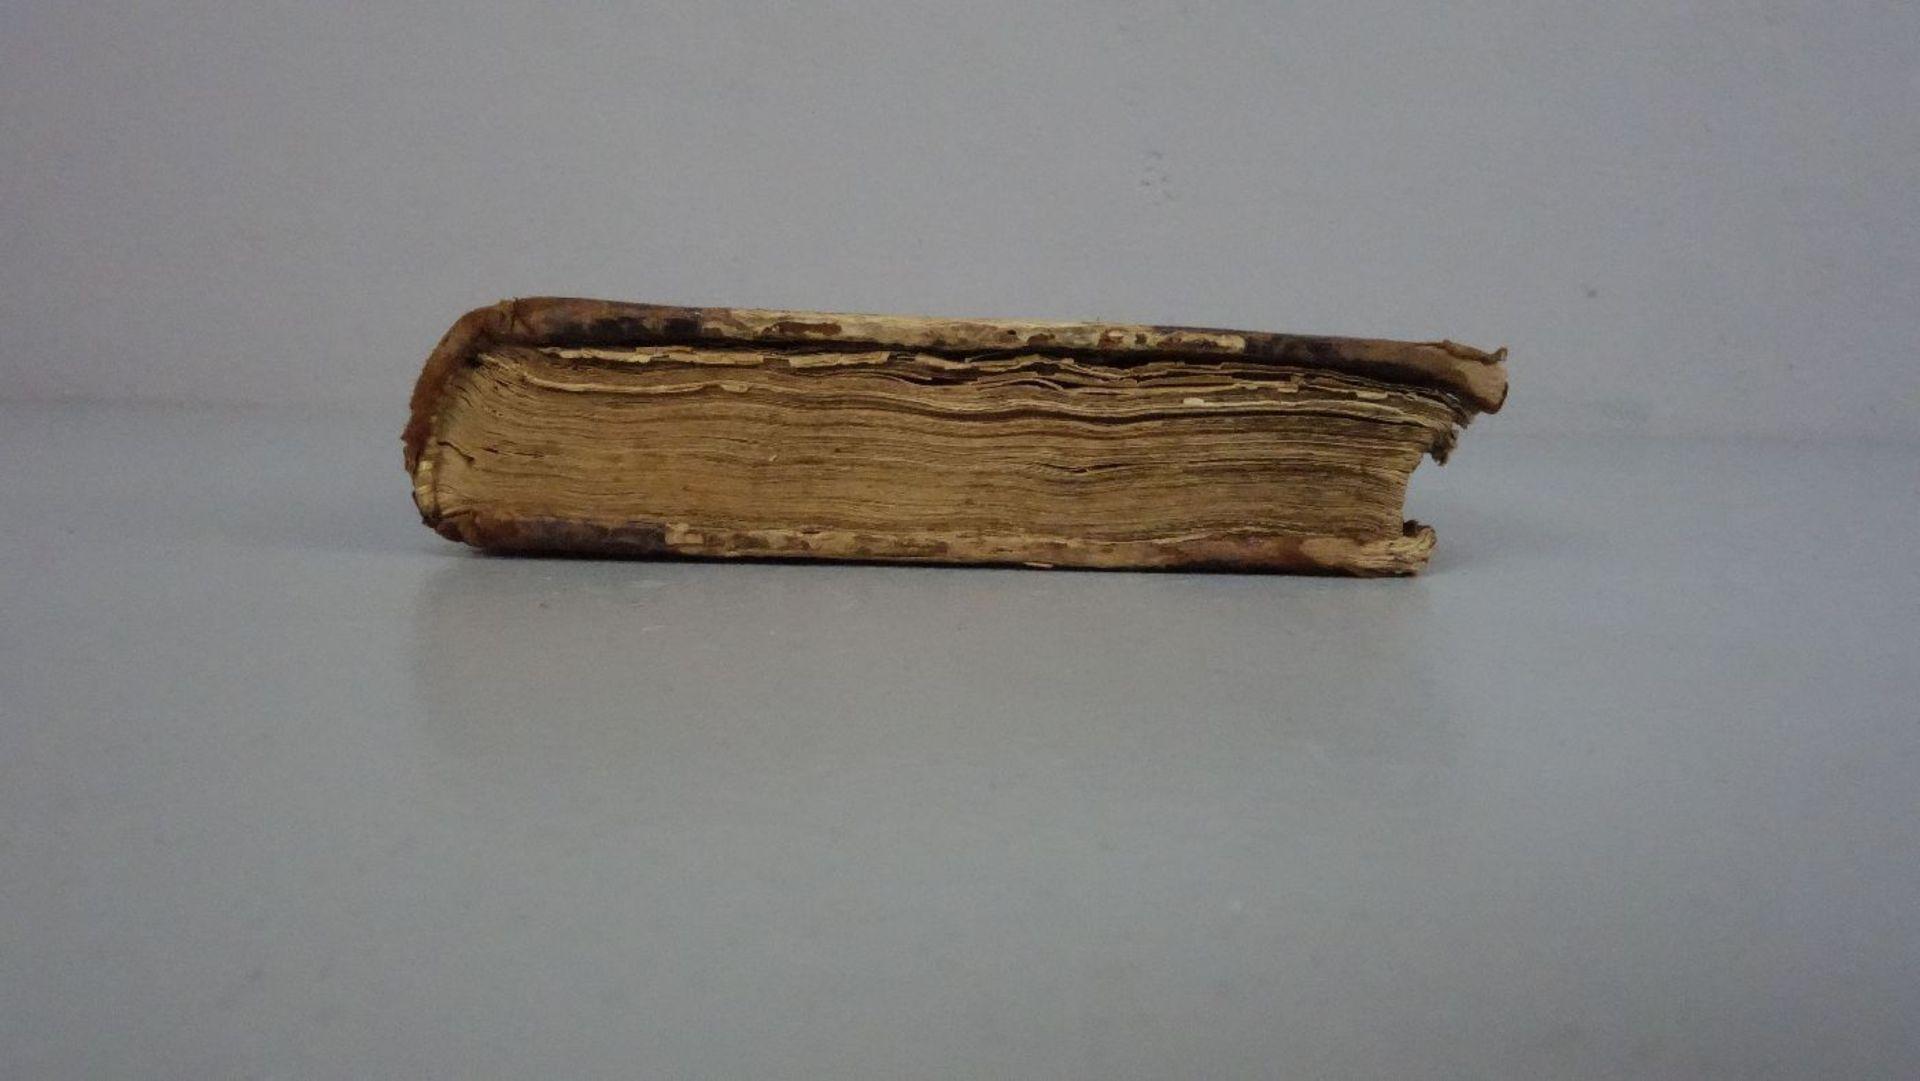 BUCH: ENTOMOLOGISCHES WERK - Image 3 of 4